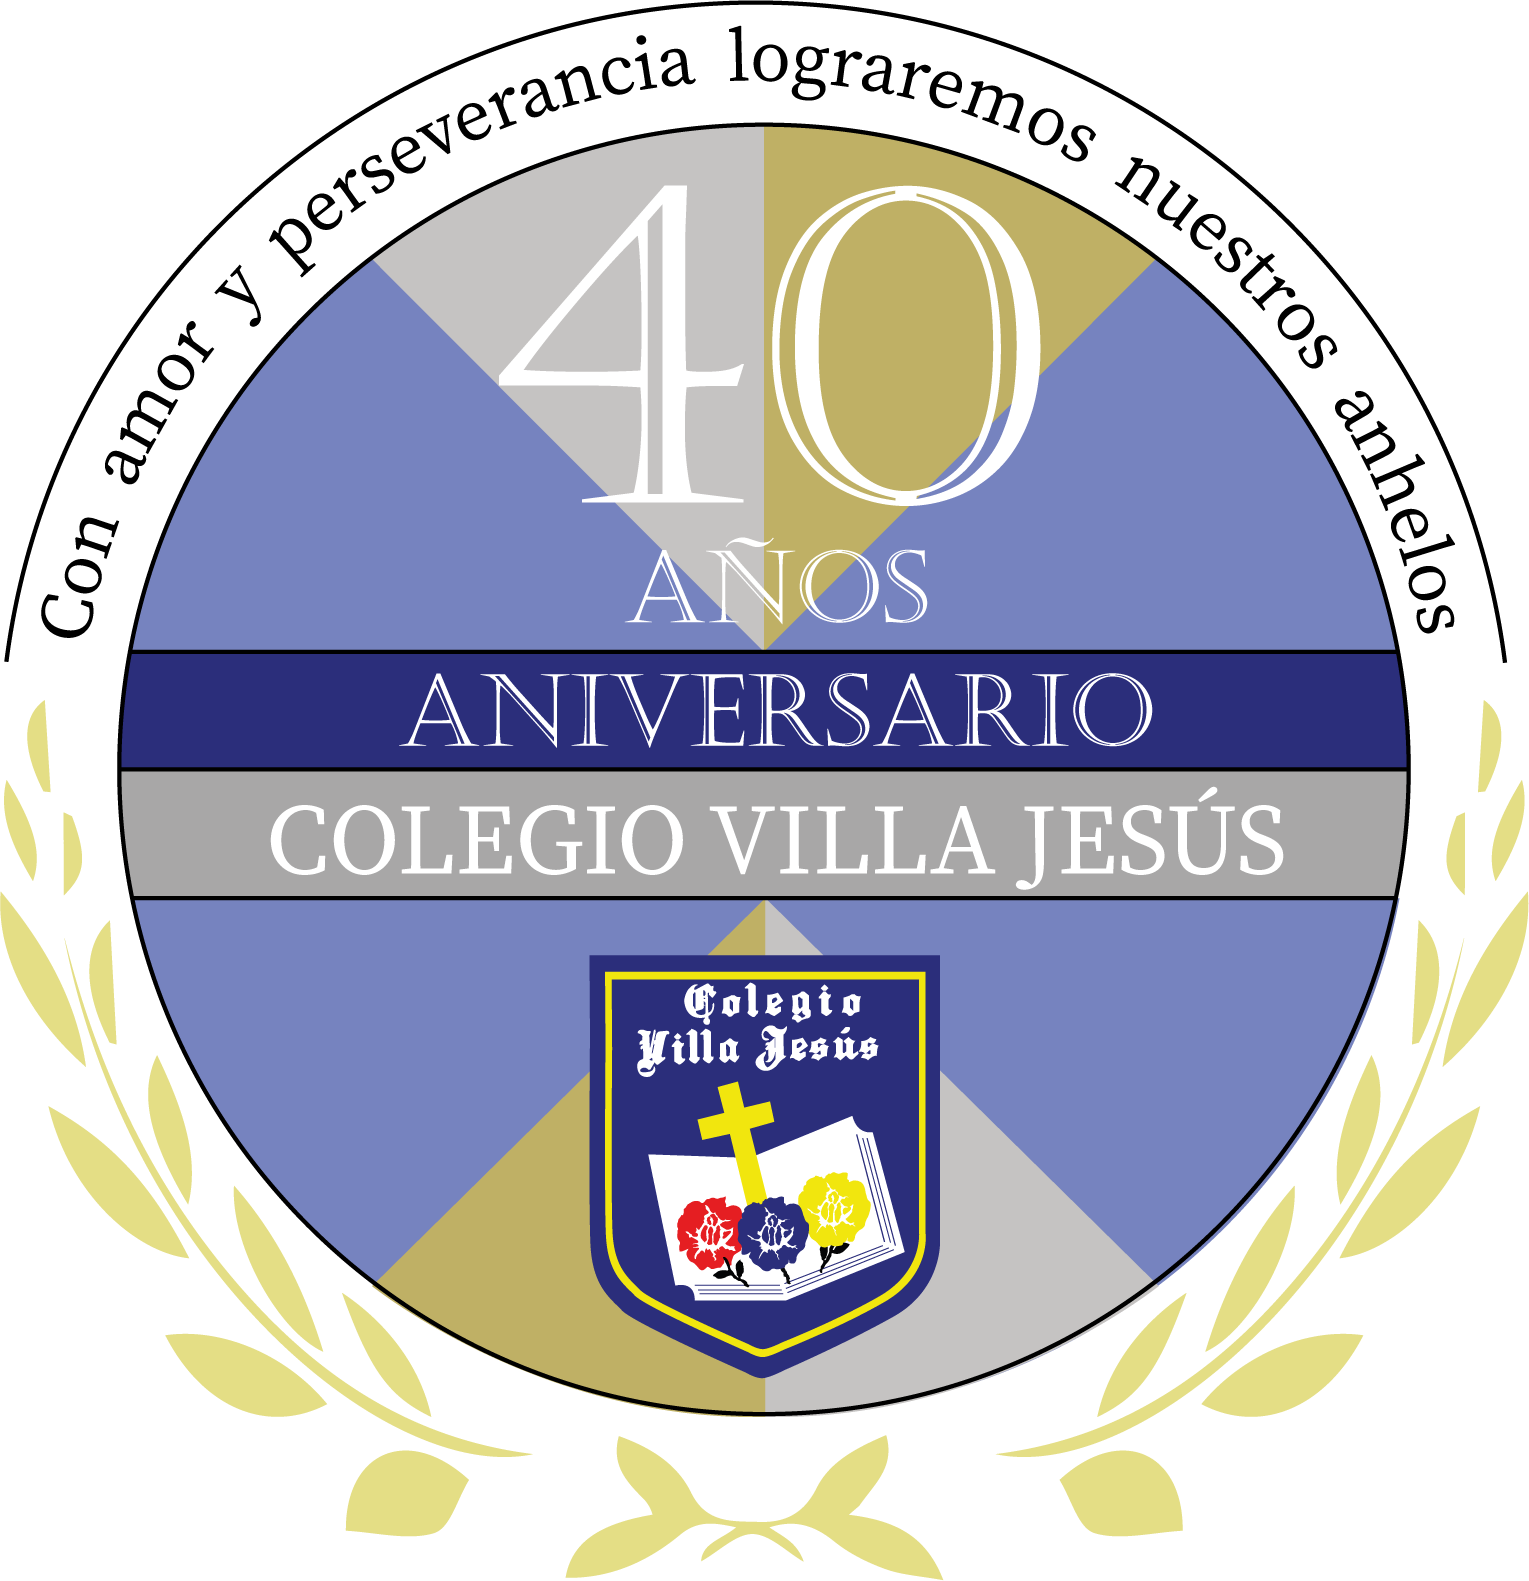 Colegio Villa Jesús